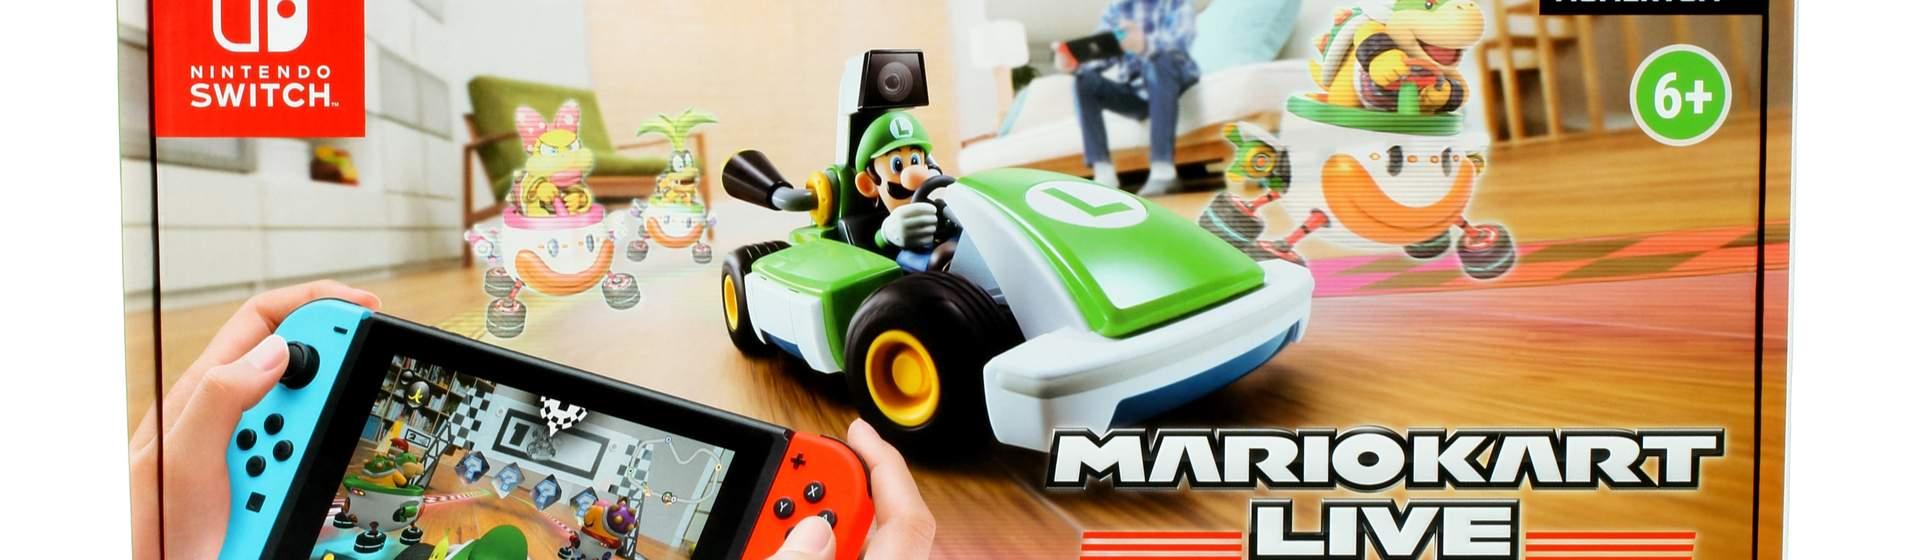 Mario Kart Live vale a pena? Prós e contras do jogo do Nintendo Switch